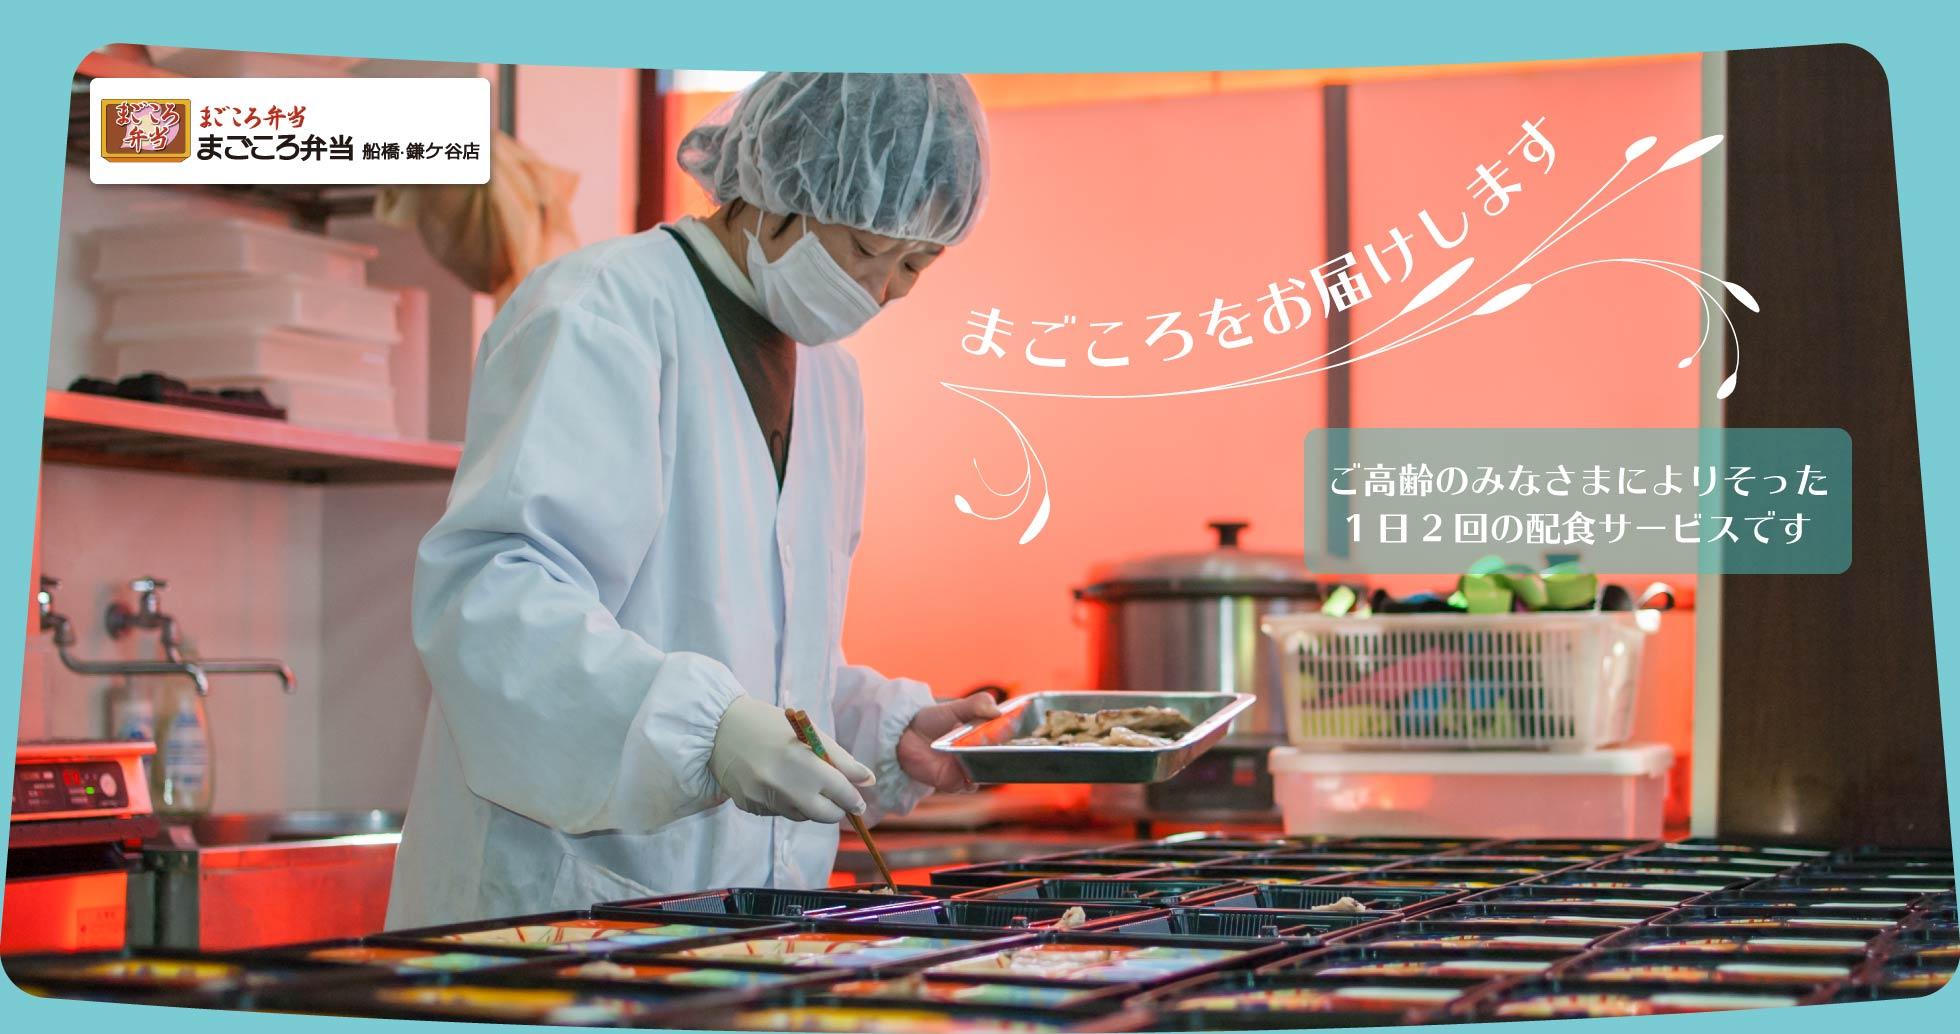 まごころ弁当|ぞうさんの介護グループ W hospitality株式会社(千葉県鎌ケ谷市)